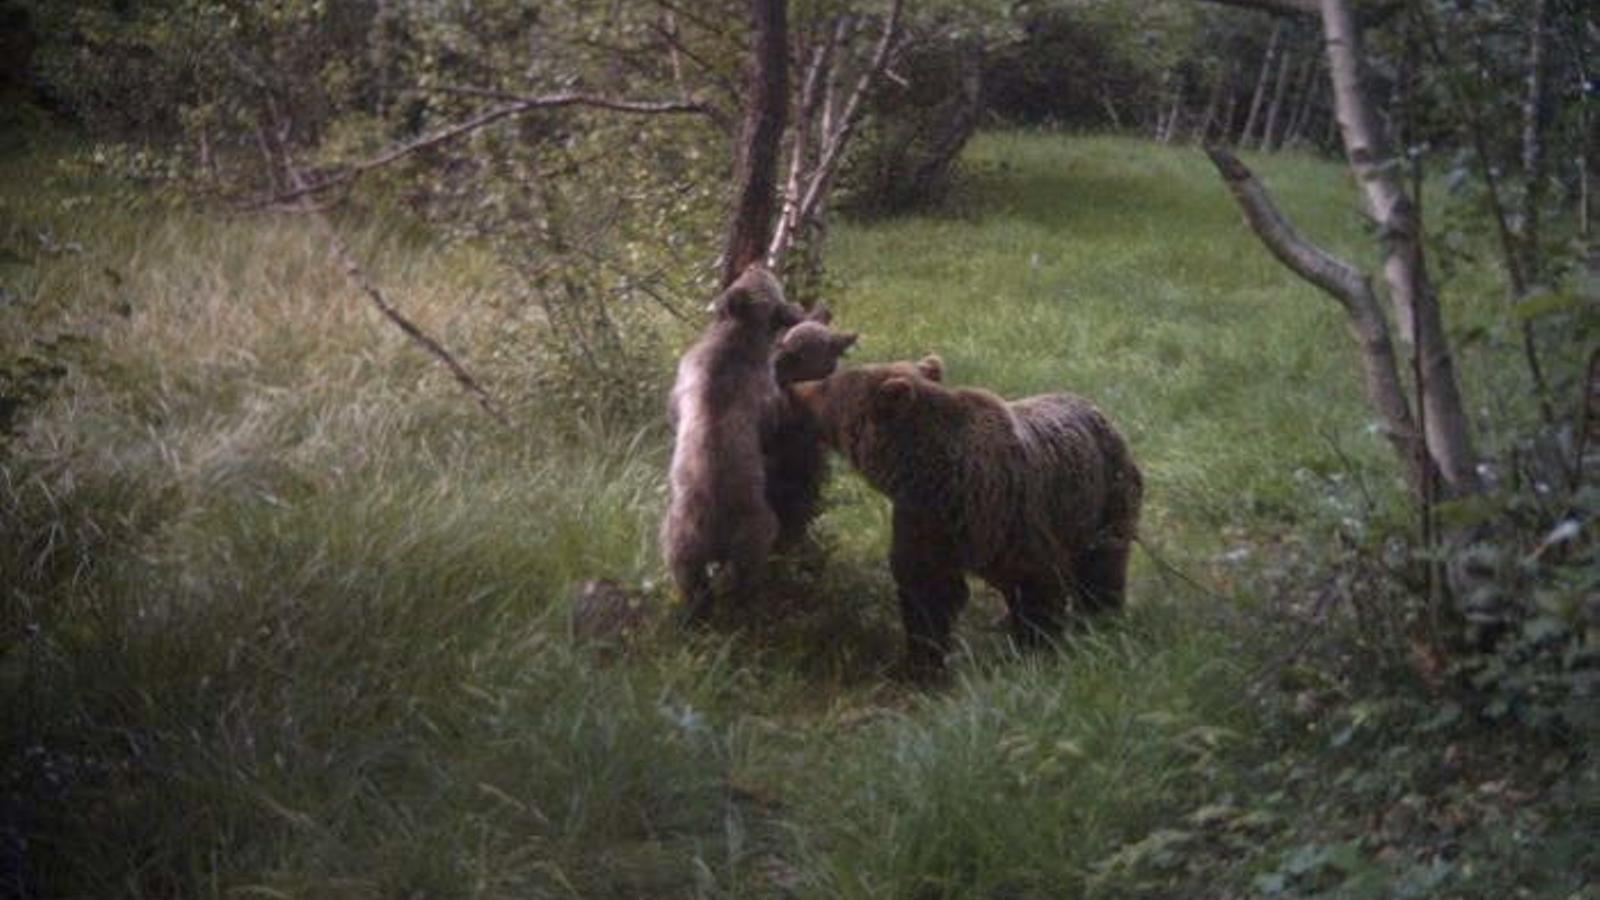 Les càmares camuflades captes imatges tan espectaculars com aquestes, del 2014, d'óssos al Pirineu